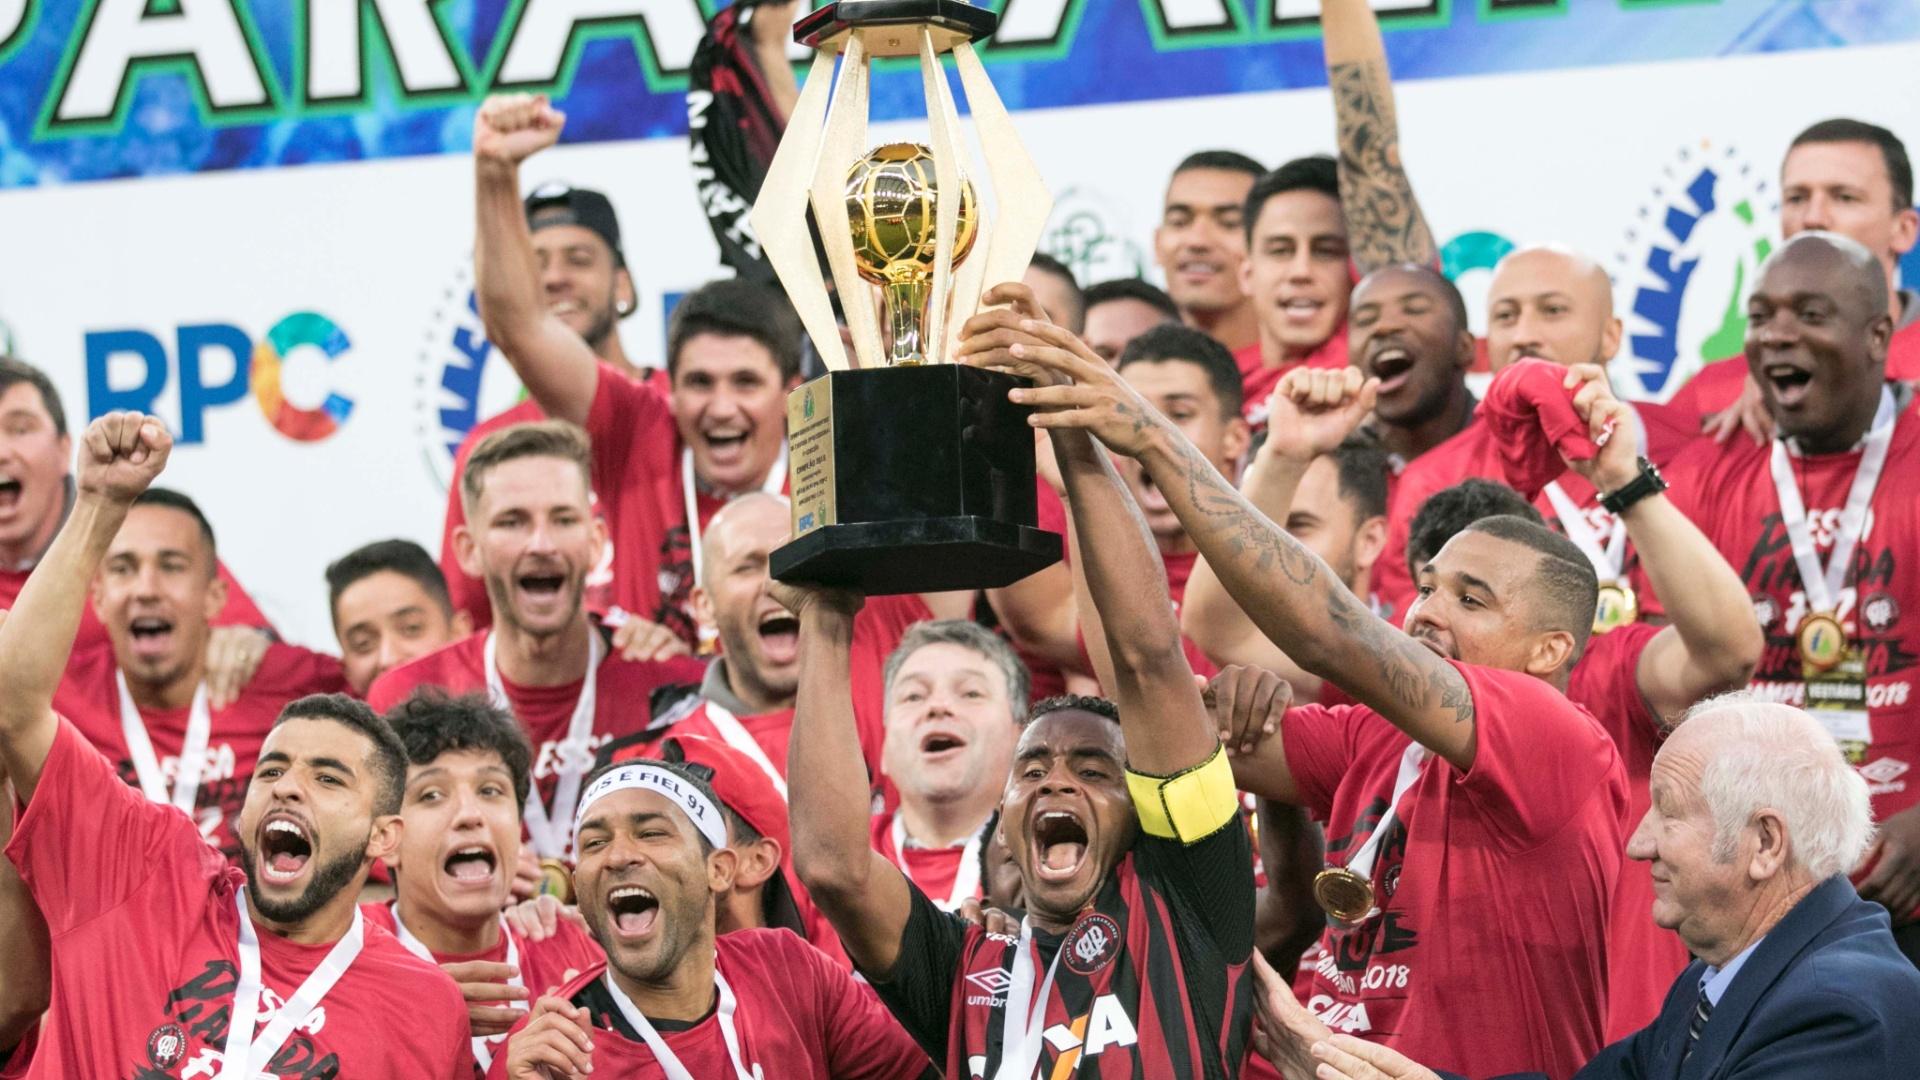 Jogadores do Atlético-PR levantam troféu de campeões paranaense após título de 2018 em cima do Coritiba